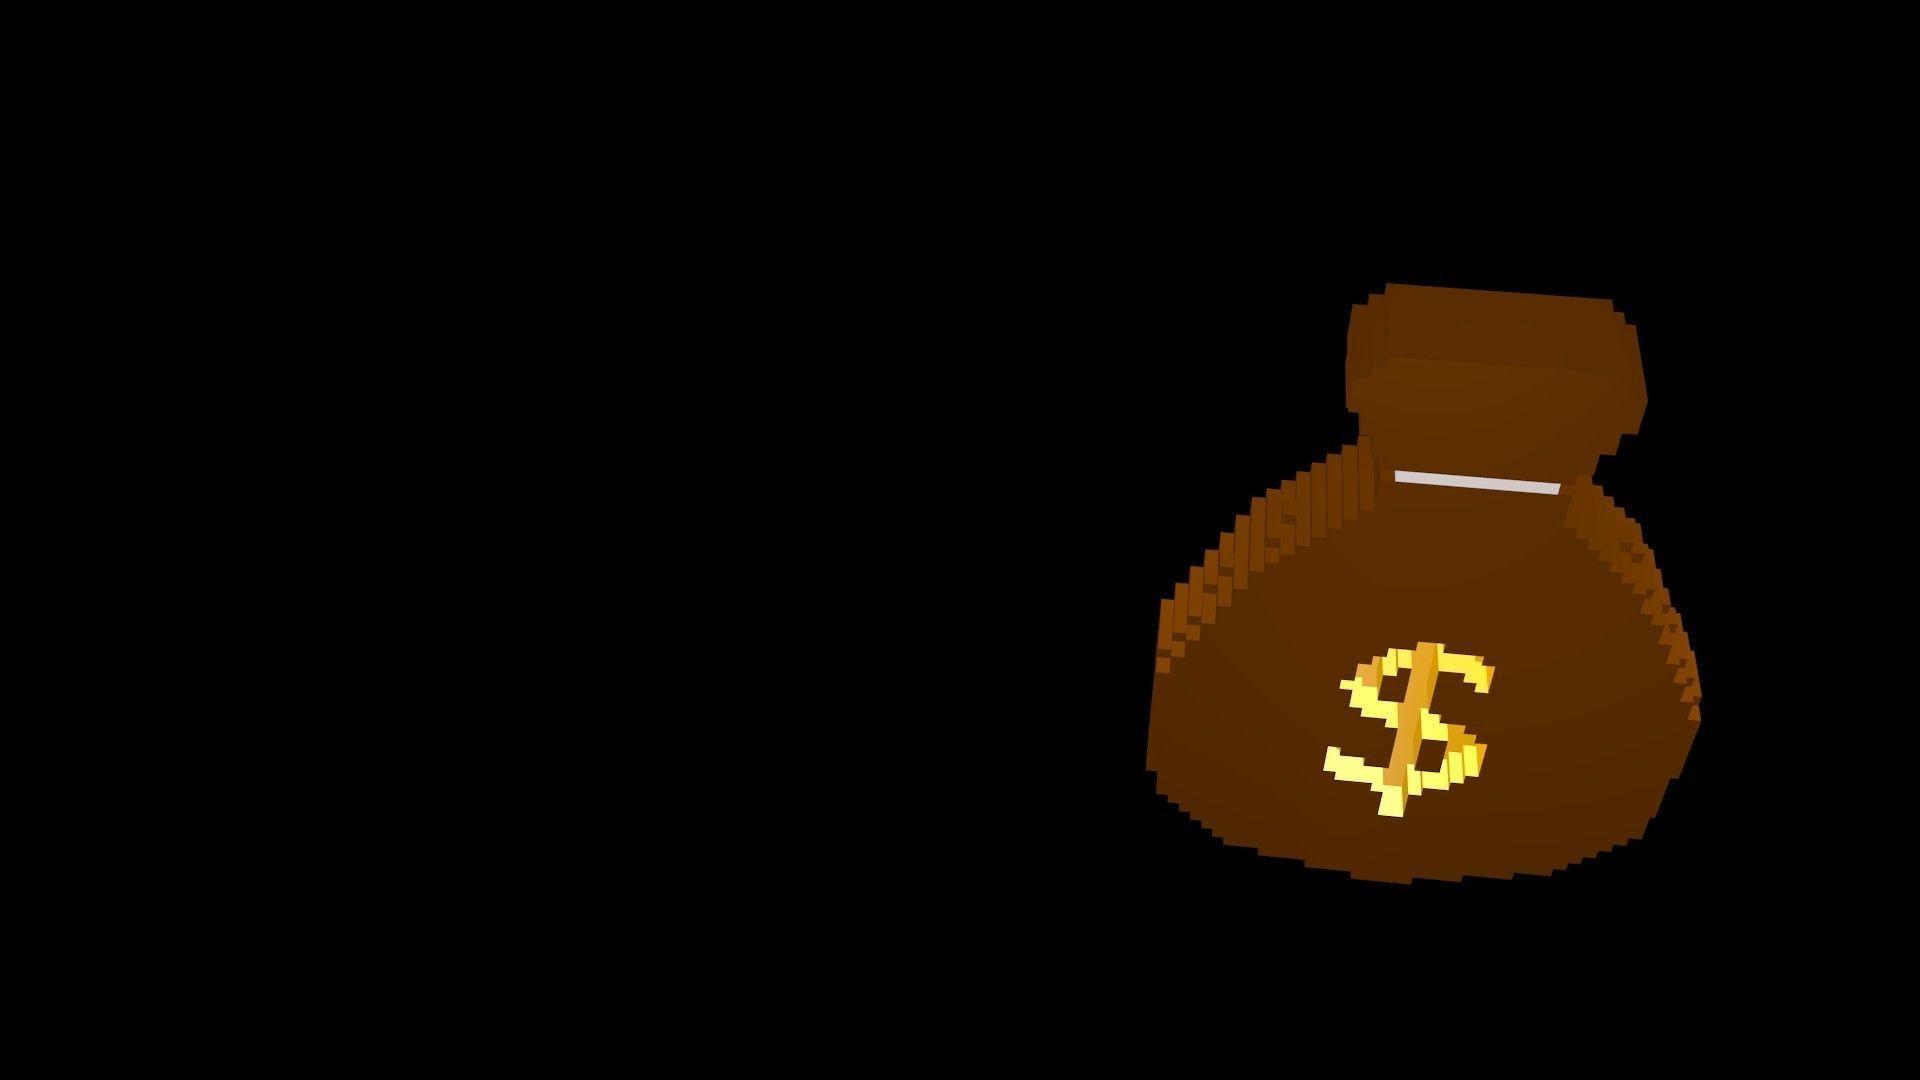 Symbols of money voxel 1